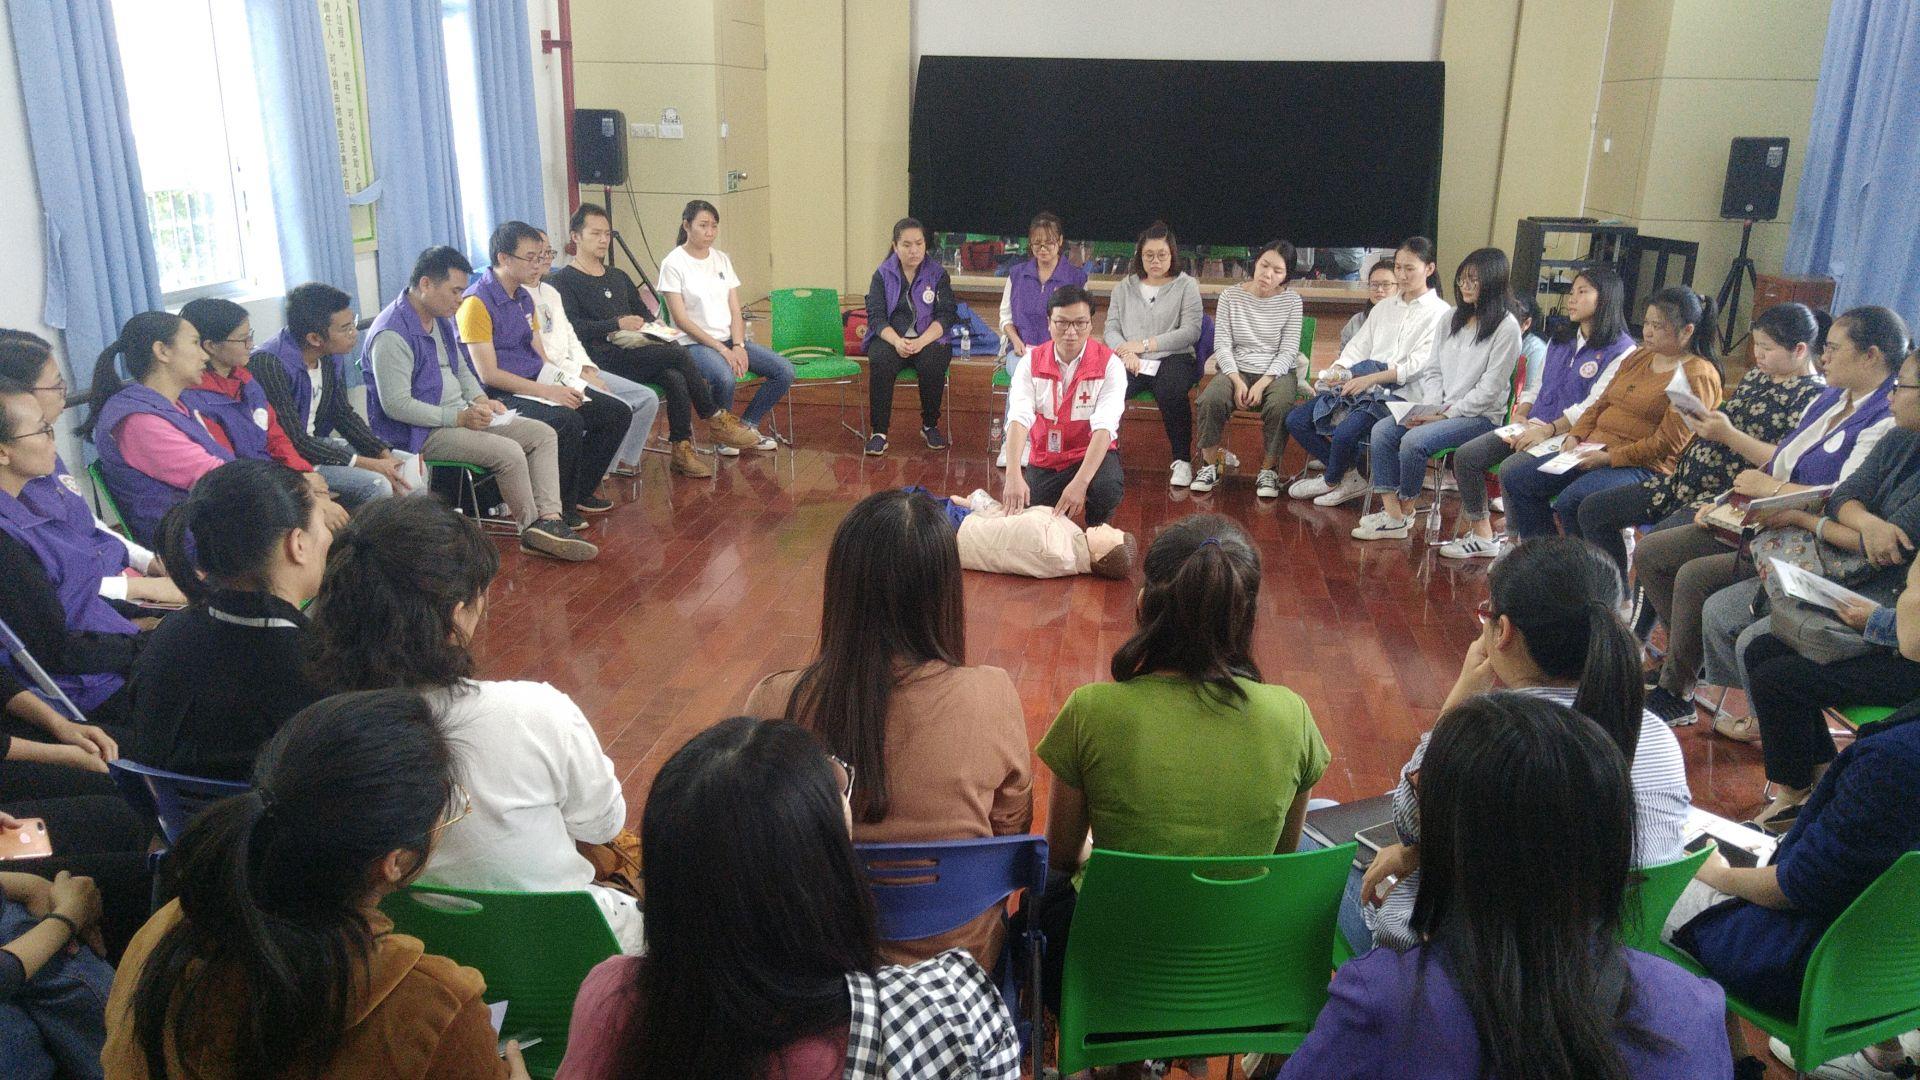 西乡塘区红十字会开展万人应急救护培训团委专场活动